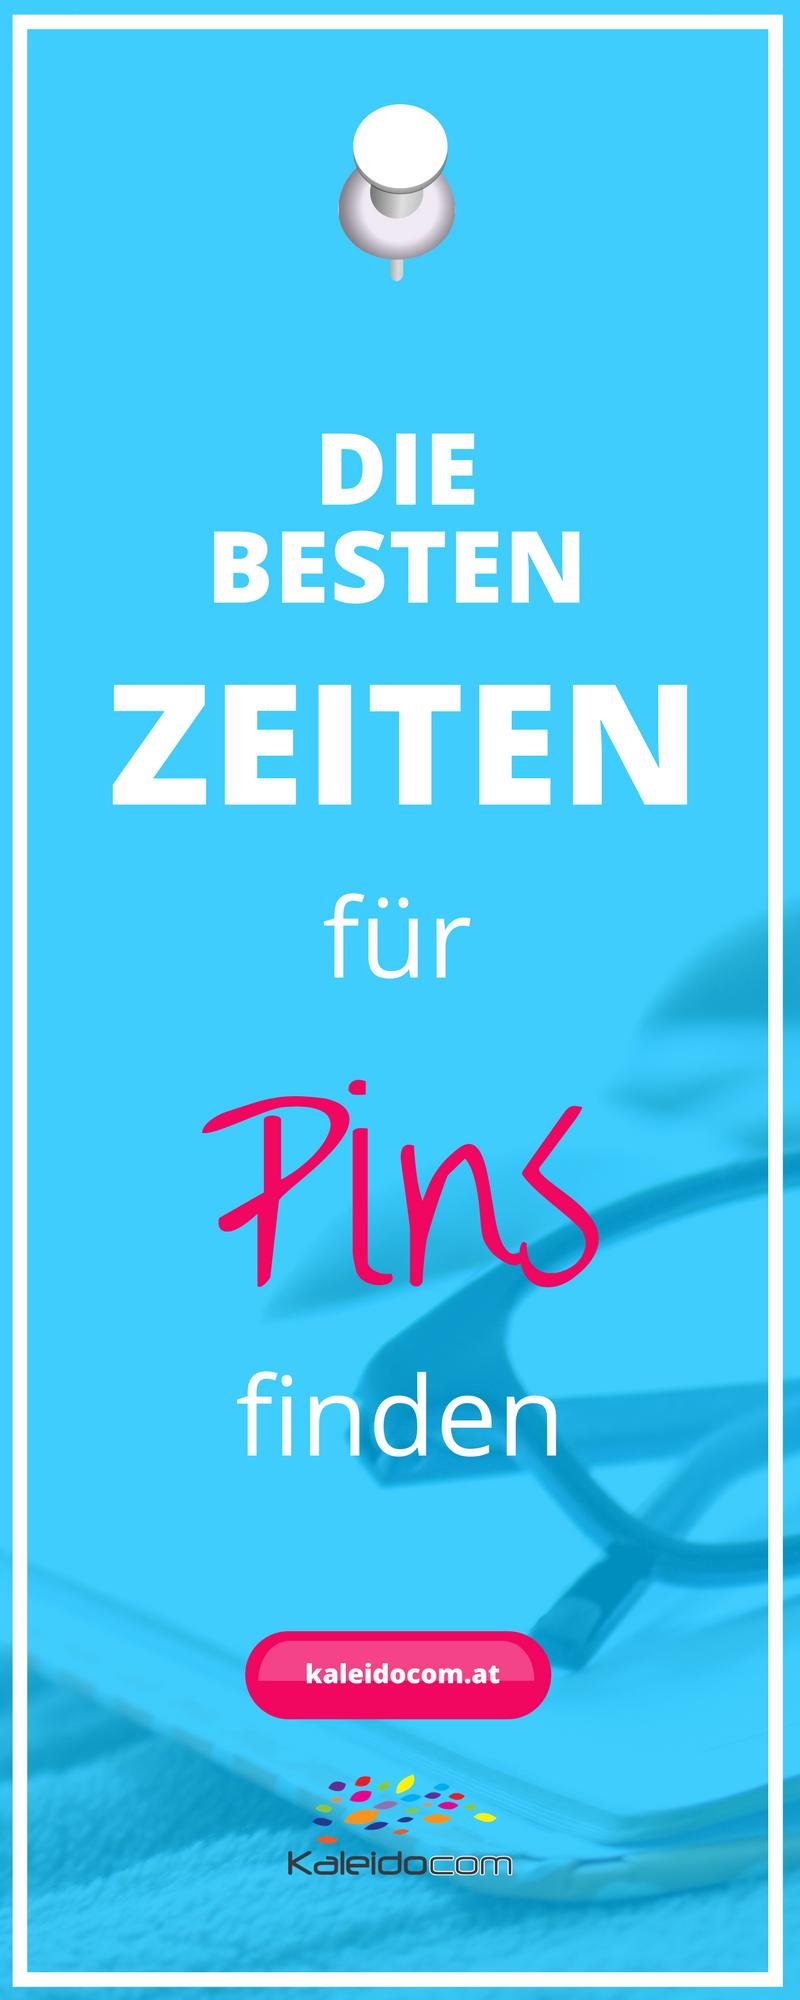 Gibt es die besten Zeiten für Pins auf Pinterest? Erfahre hier, welche Uhrzeit für Pins gut geeignet ist.